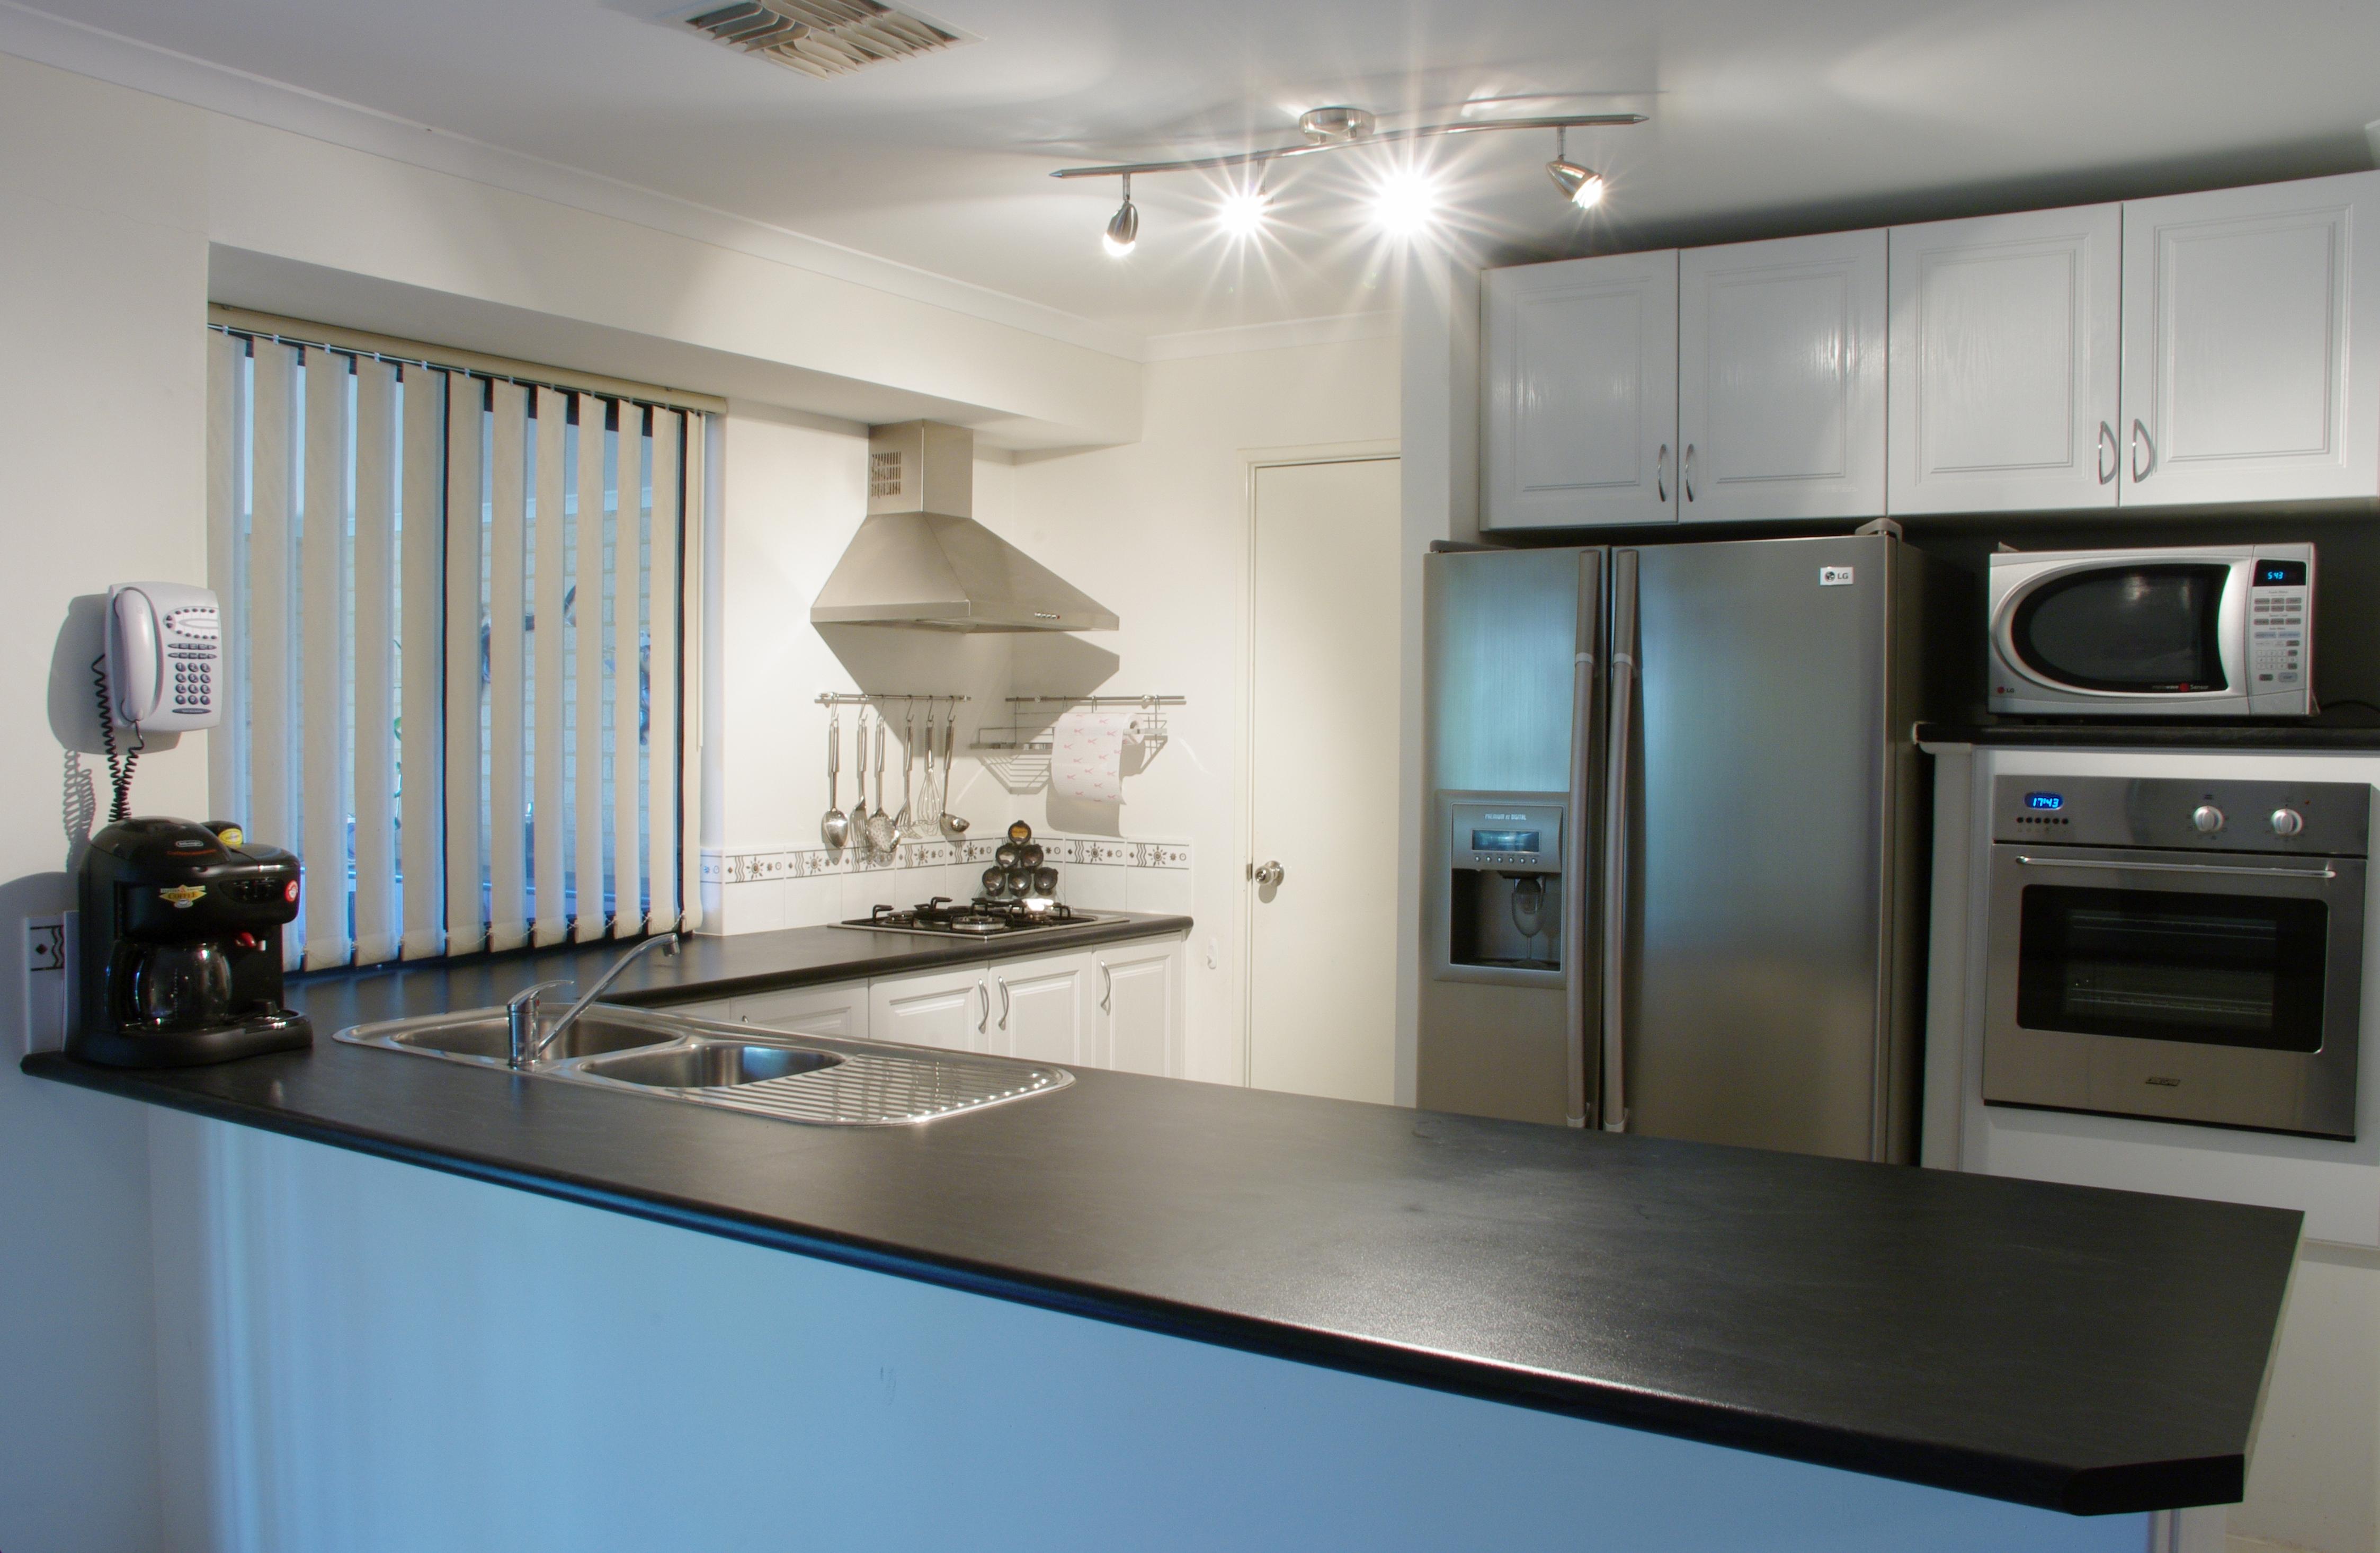 Shelf for kitchen Photo - 4